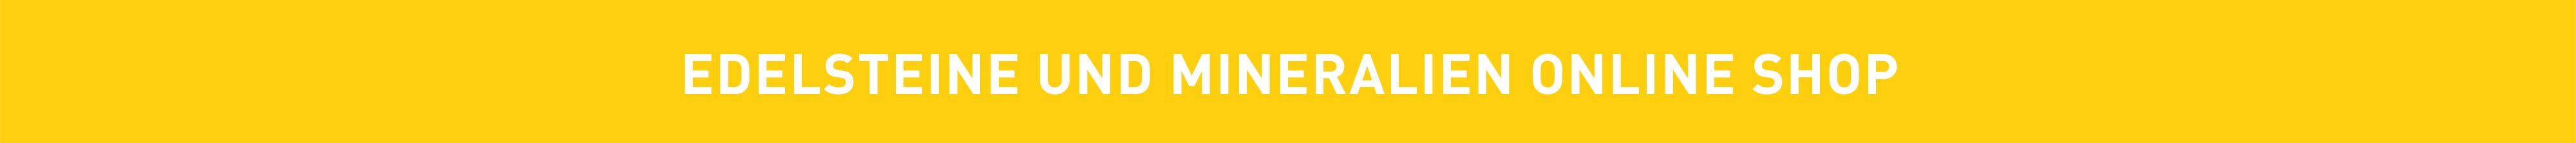 Solidstones - Schmuck, Edelsteine und Mineralien Online Shop